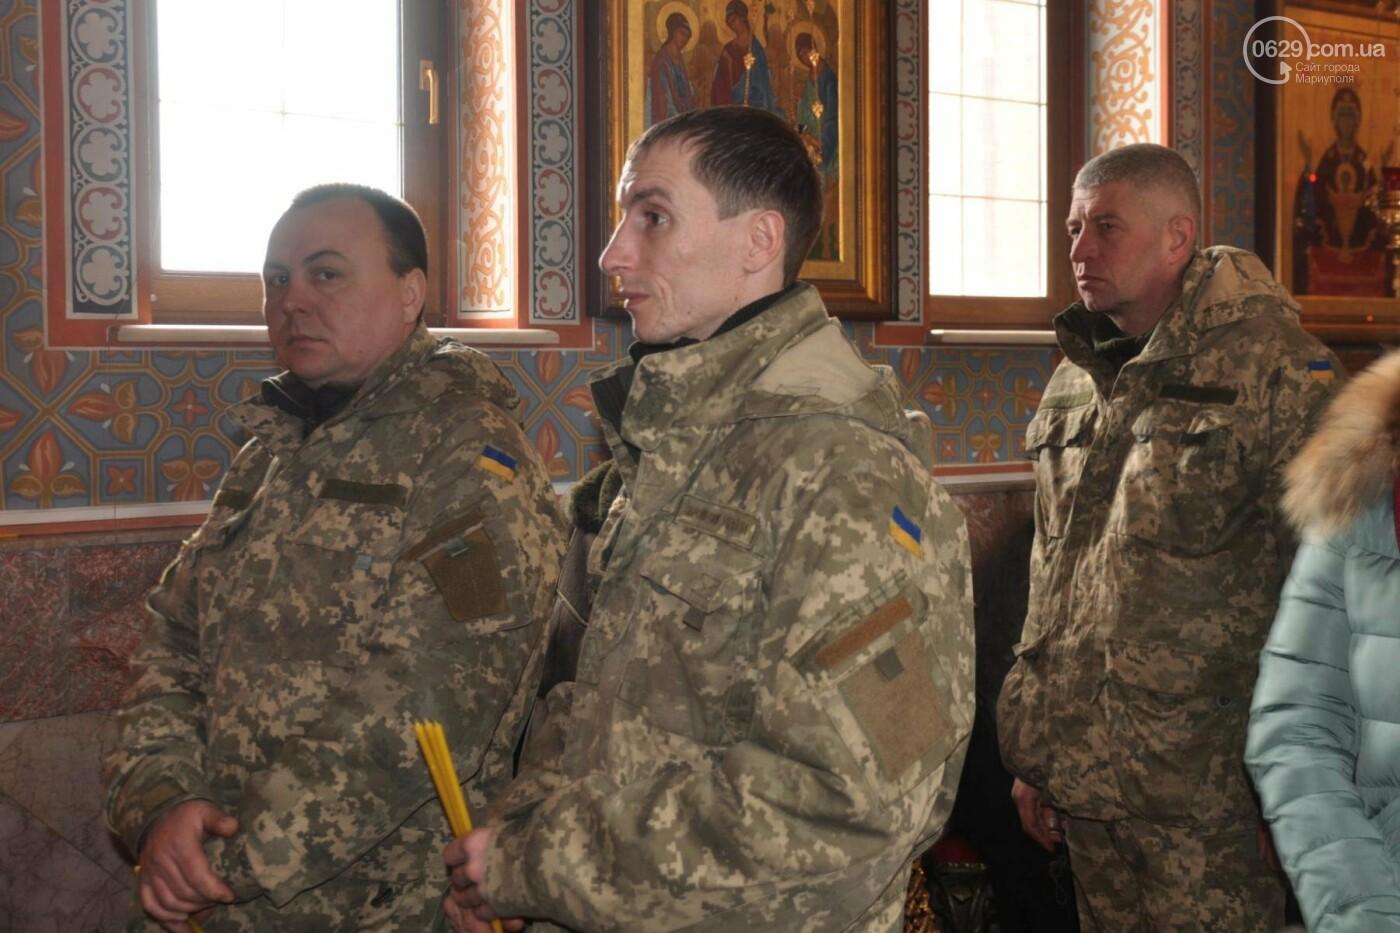 В селе Боевое испекли 17000 блинов и установили новый рекорд Украины, фото-4